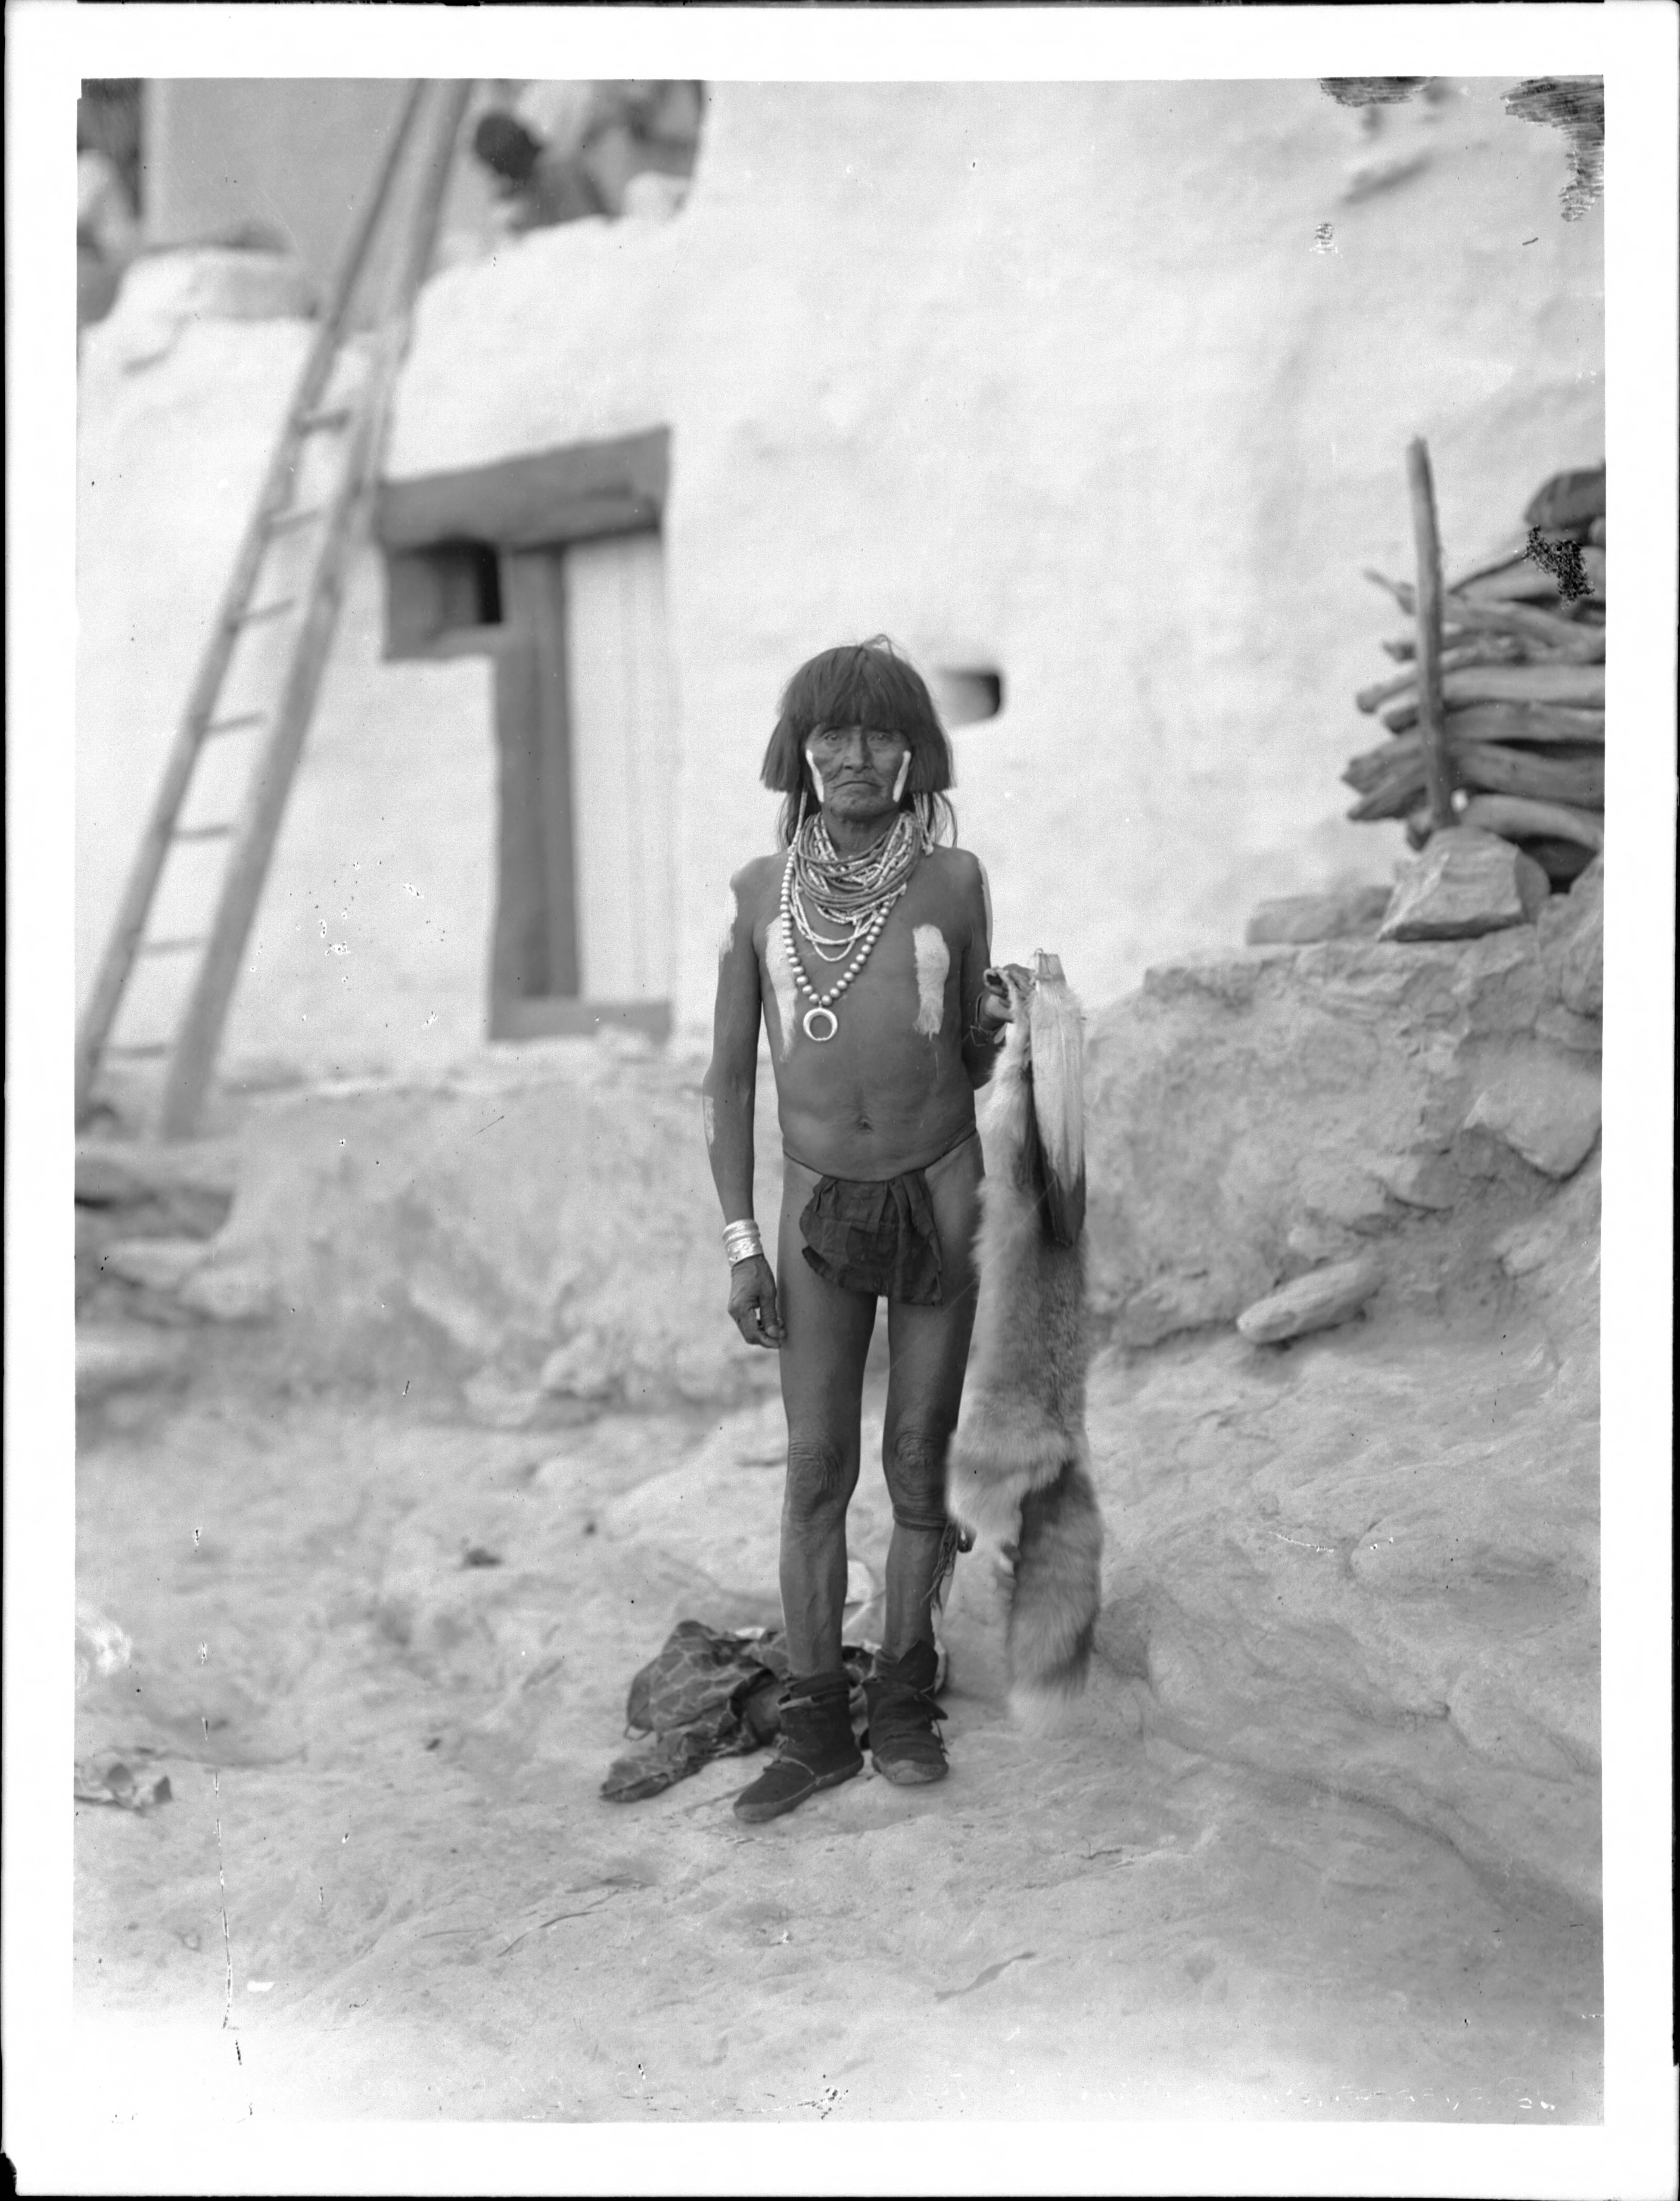 Hopi Indian Tribe Food